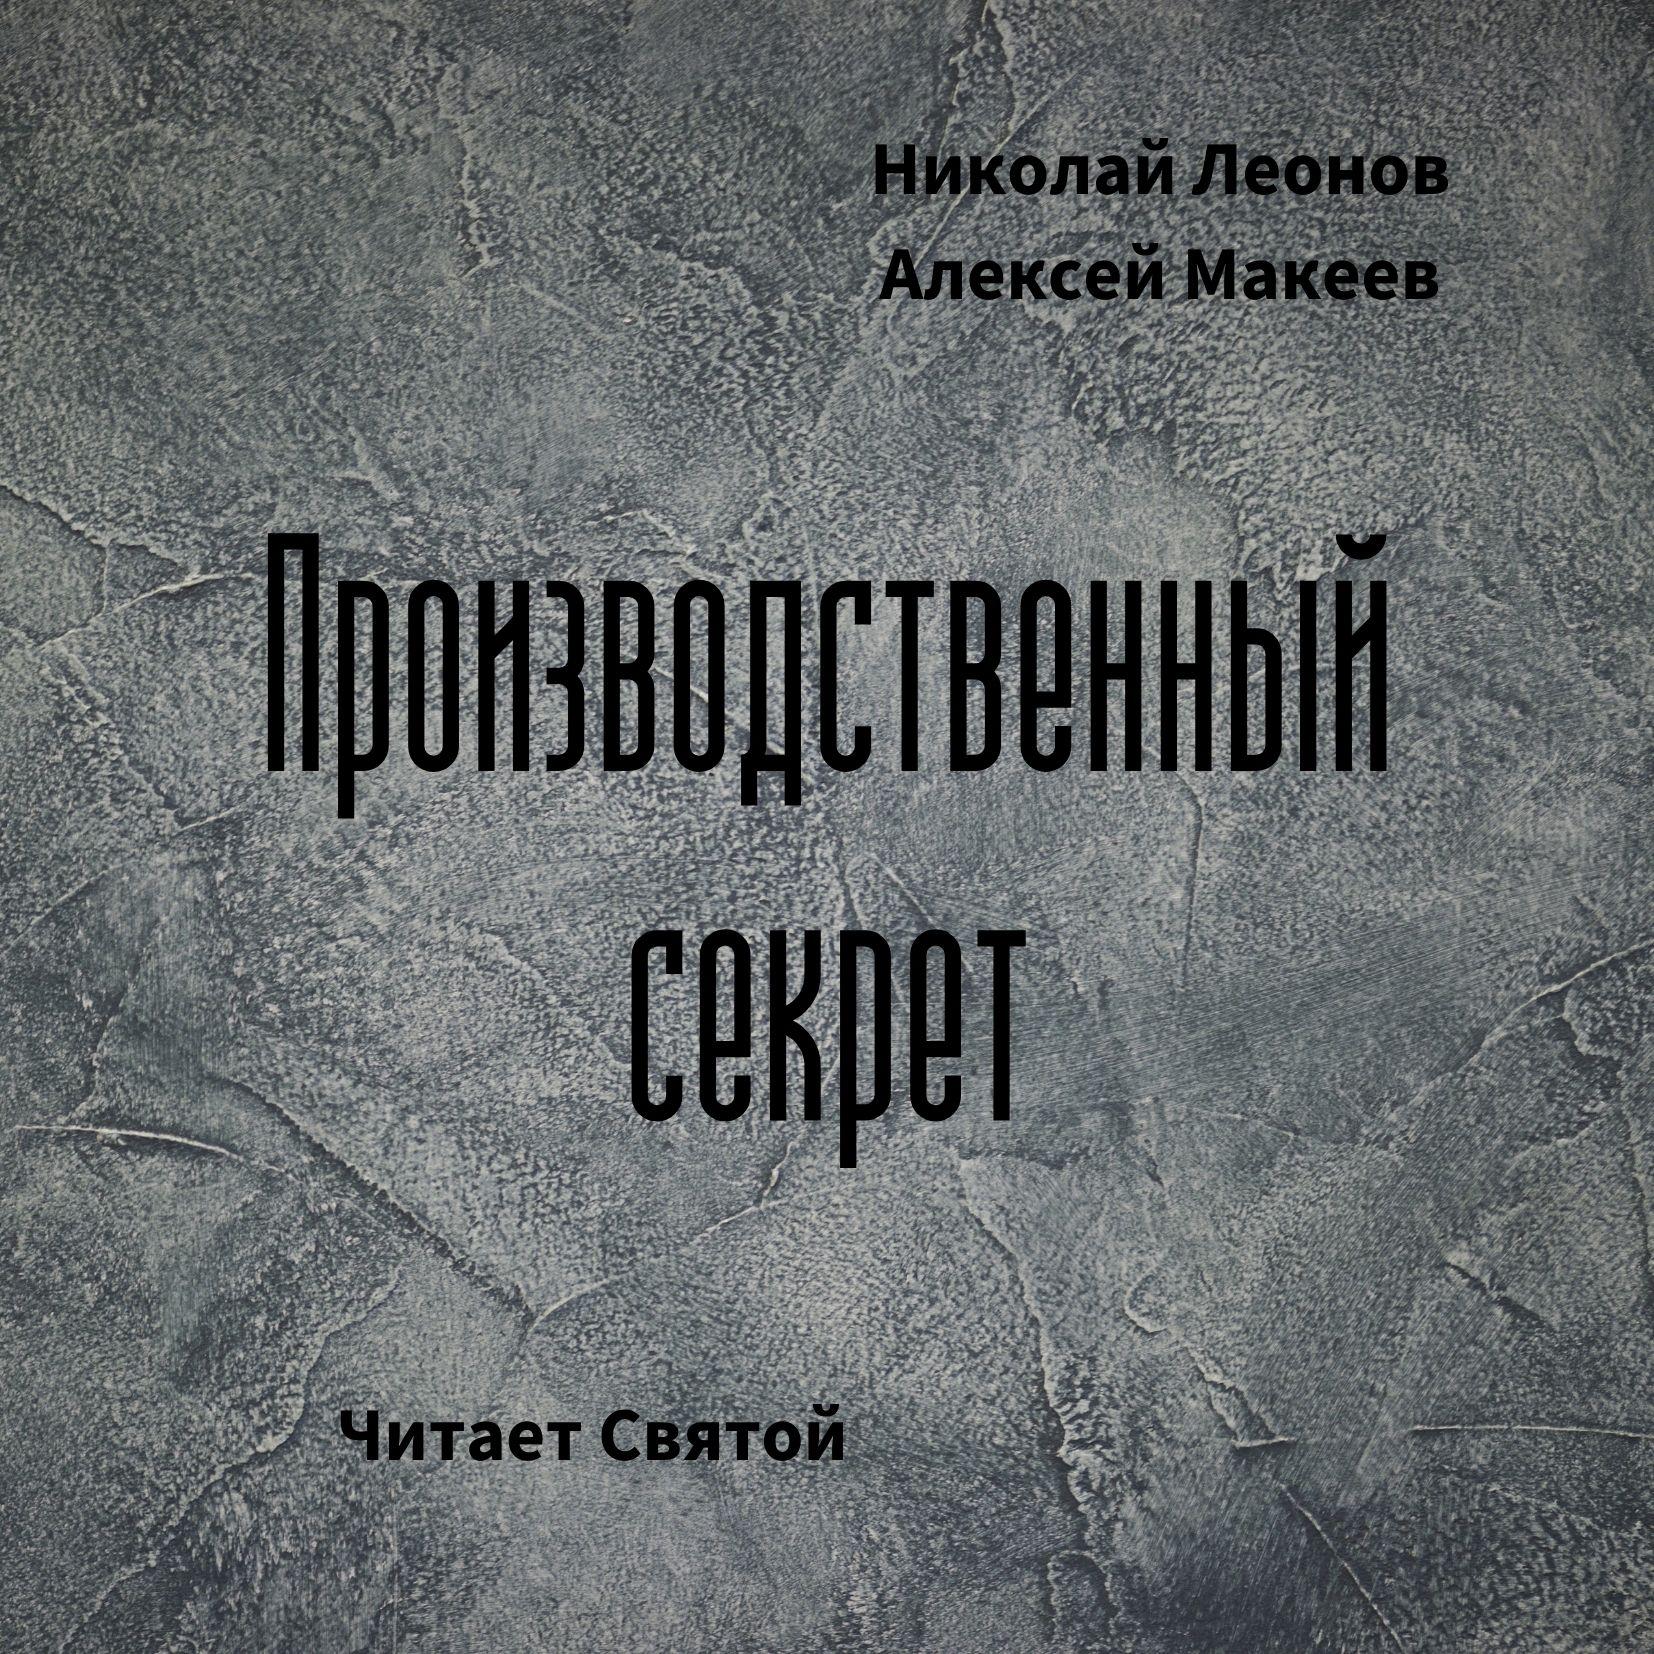 Купить книгу Производственный секрет, автора Николая Леонова